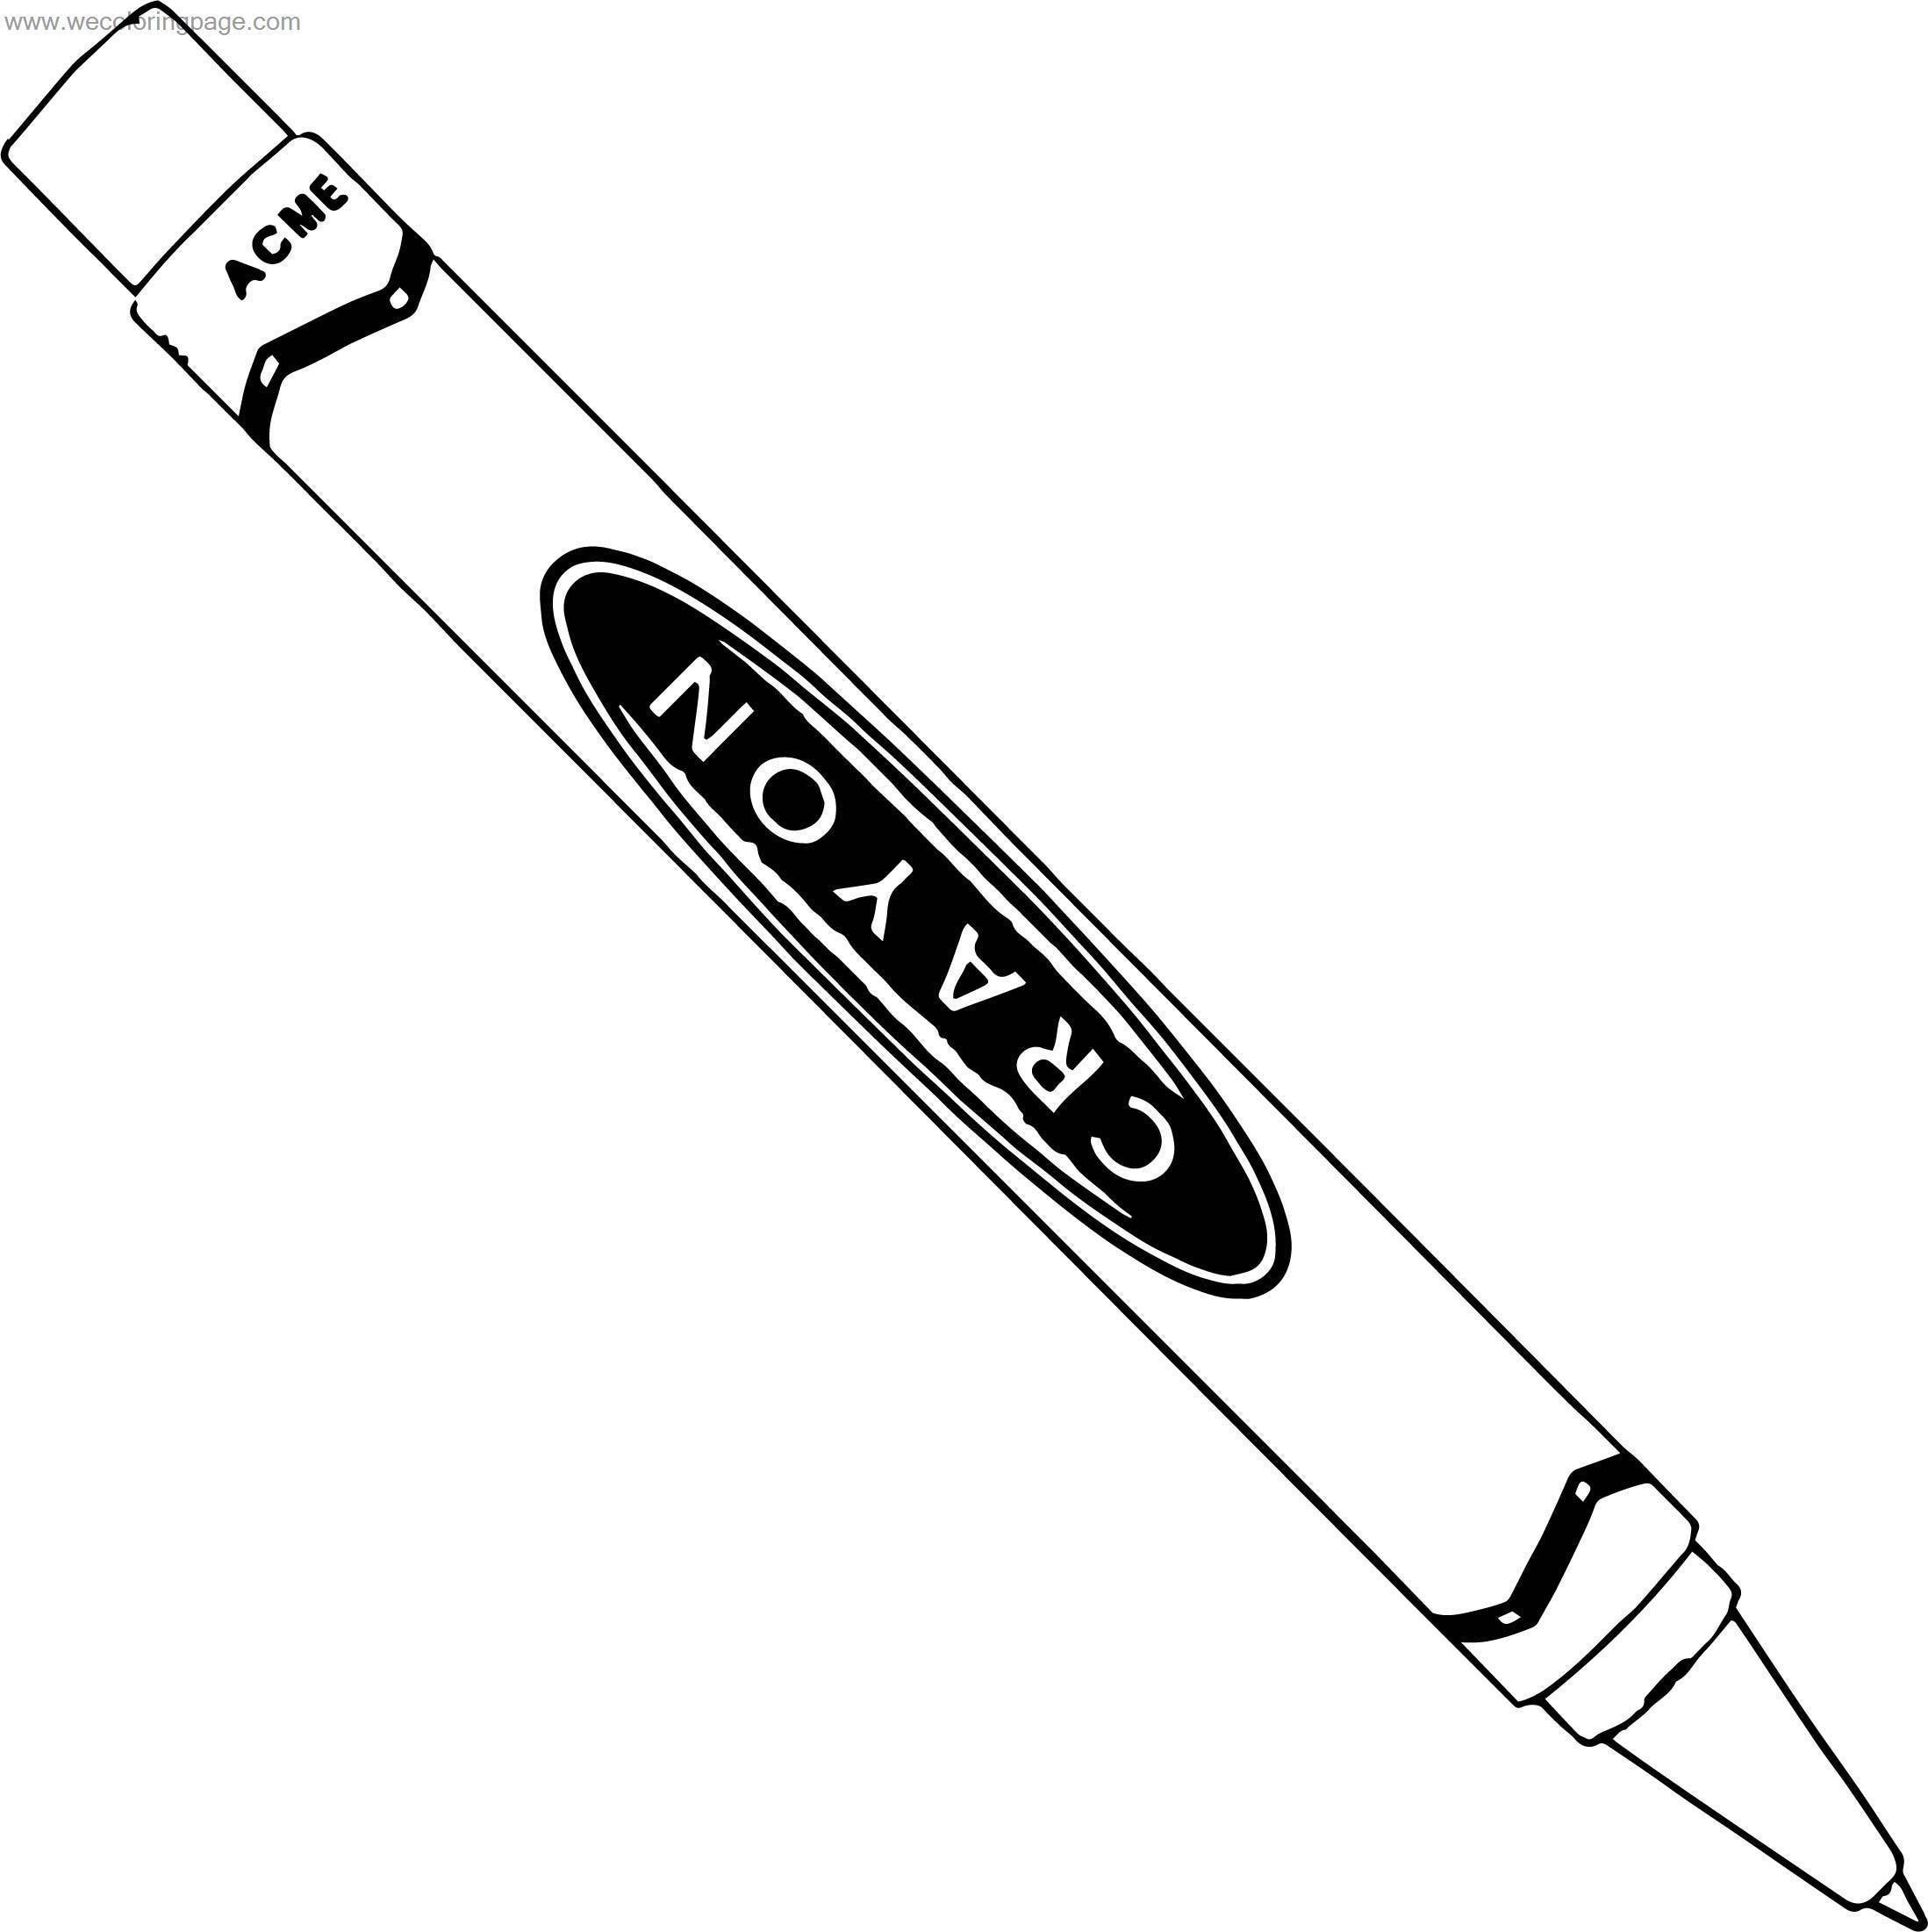 Acme Crayon Coloring Page